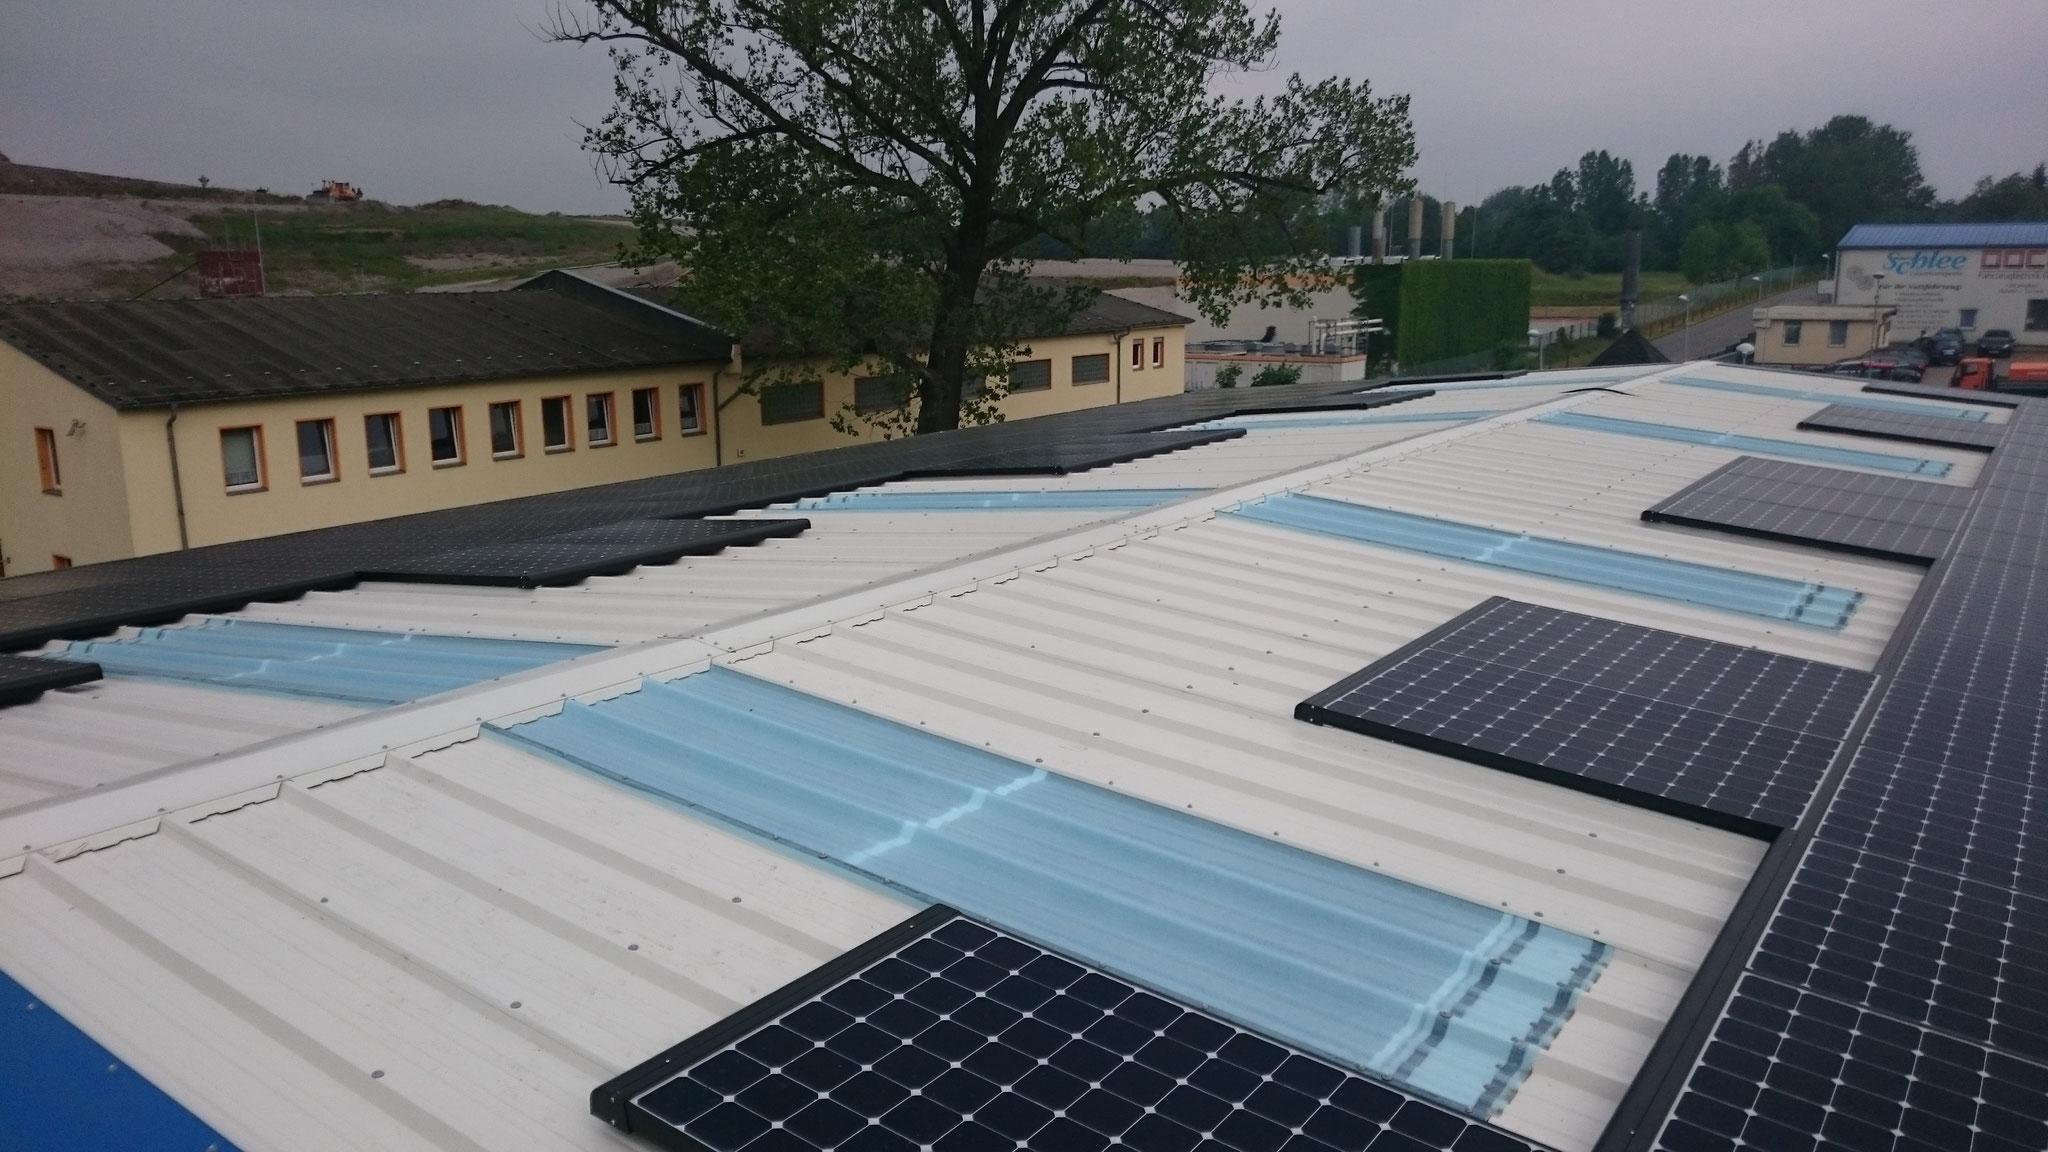 29,76 kWp Sunpower mit Solaredge Wechselrichter inkl. 30 kW Pb Speicher SENEC.IES für Waschanlage und Tankstelle in Panketal